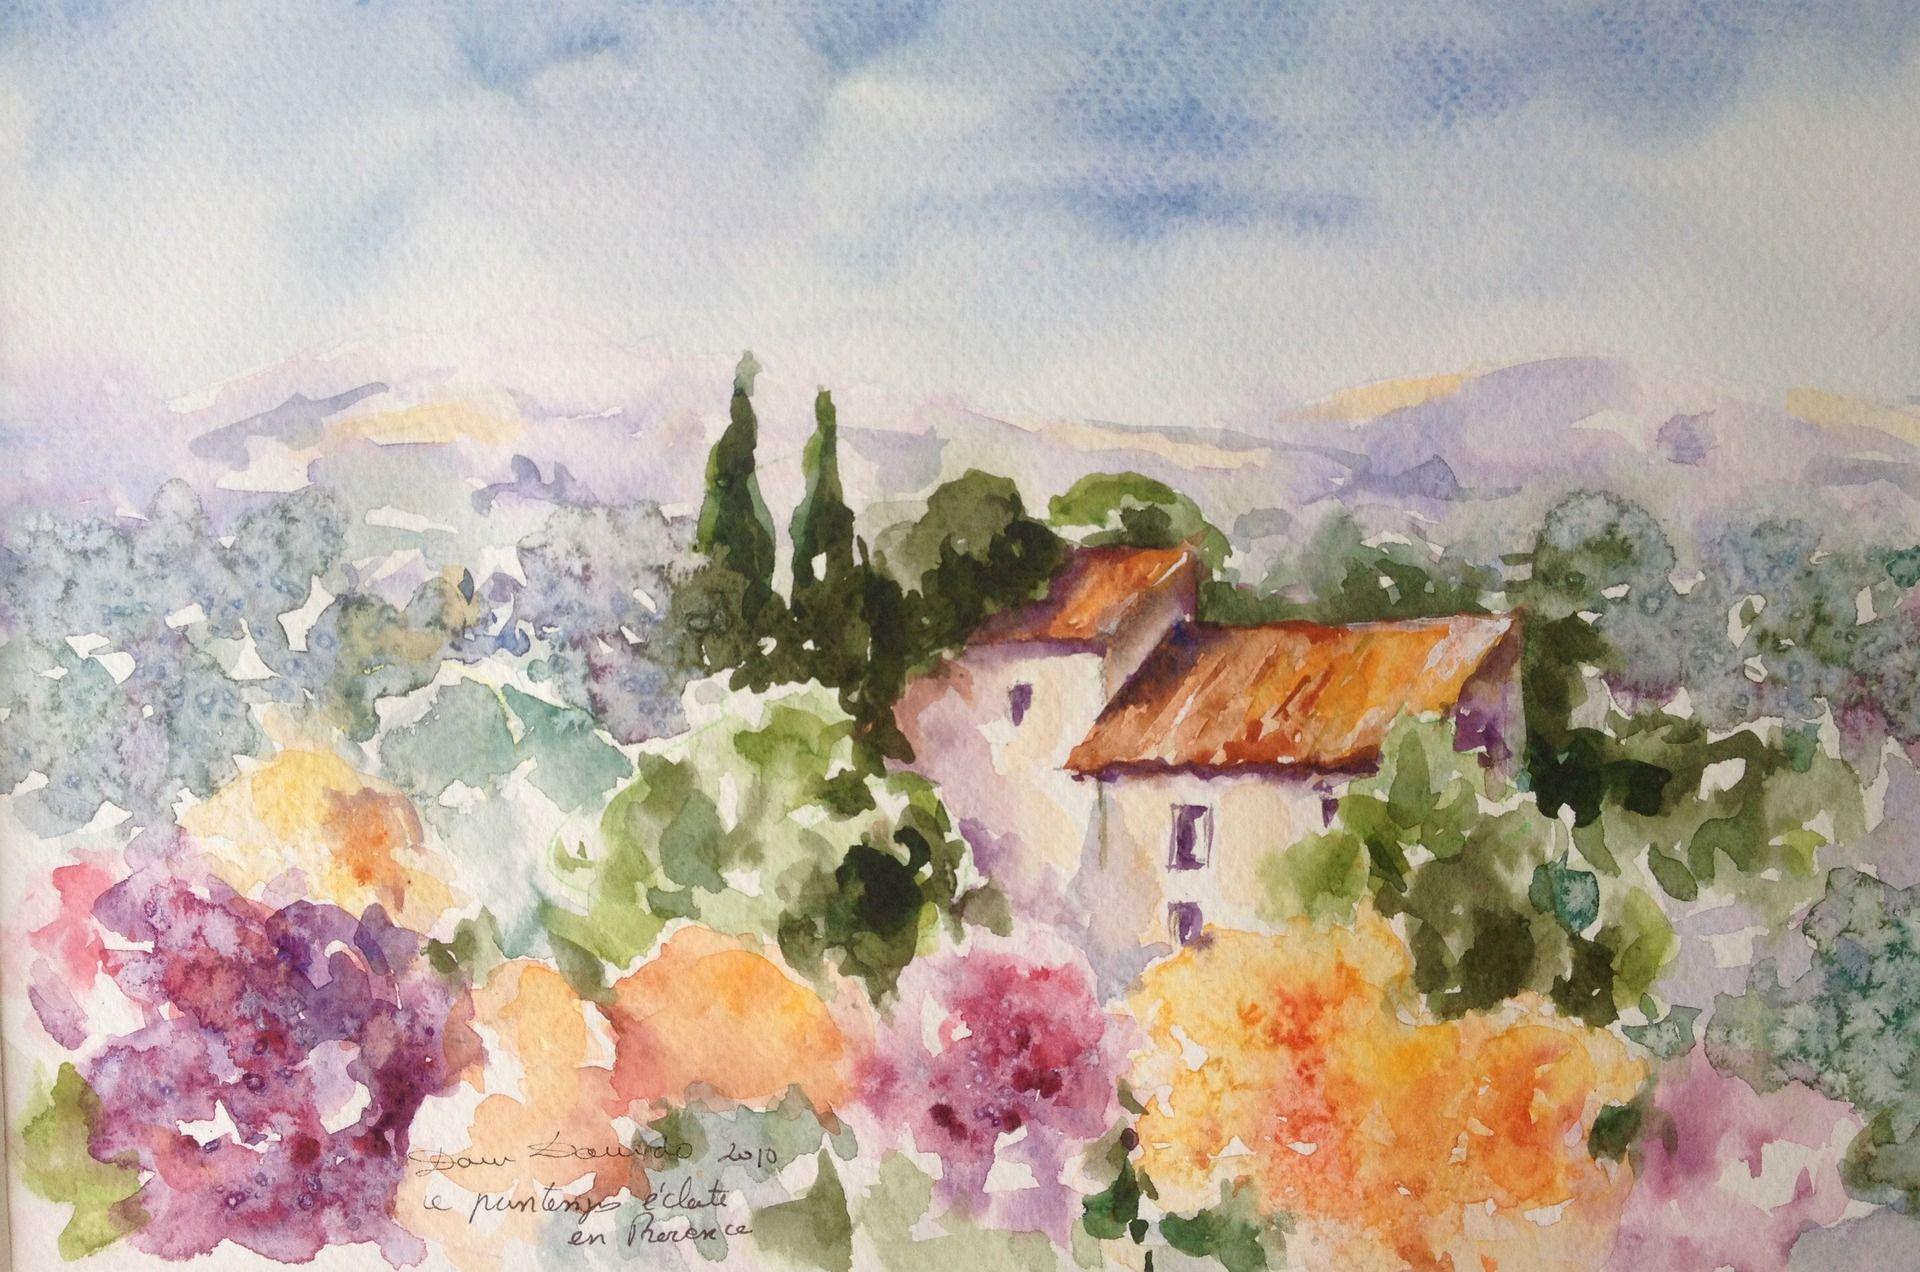 Aquarelle Originale Et Unique Paysage De Provence En Fleur Par Dam